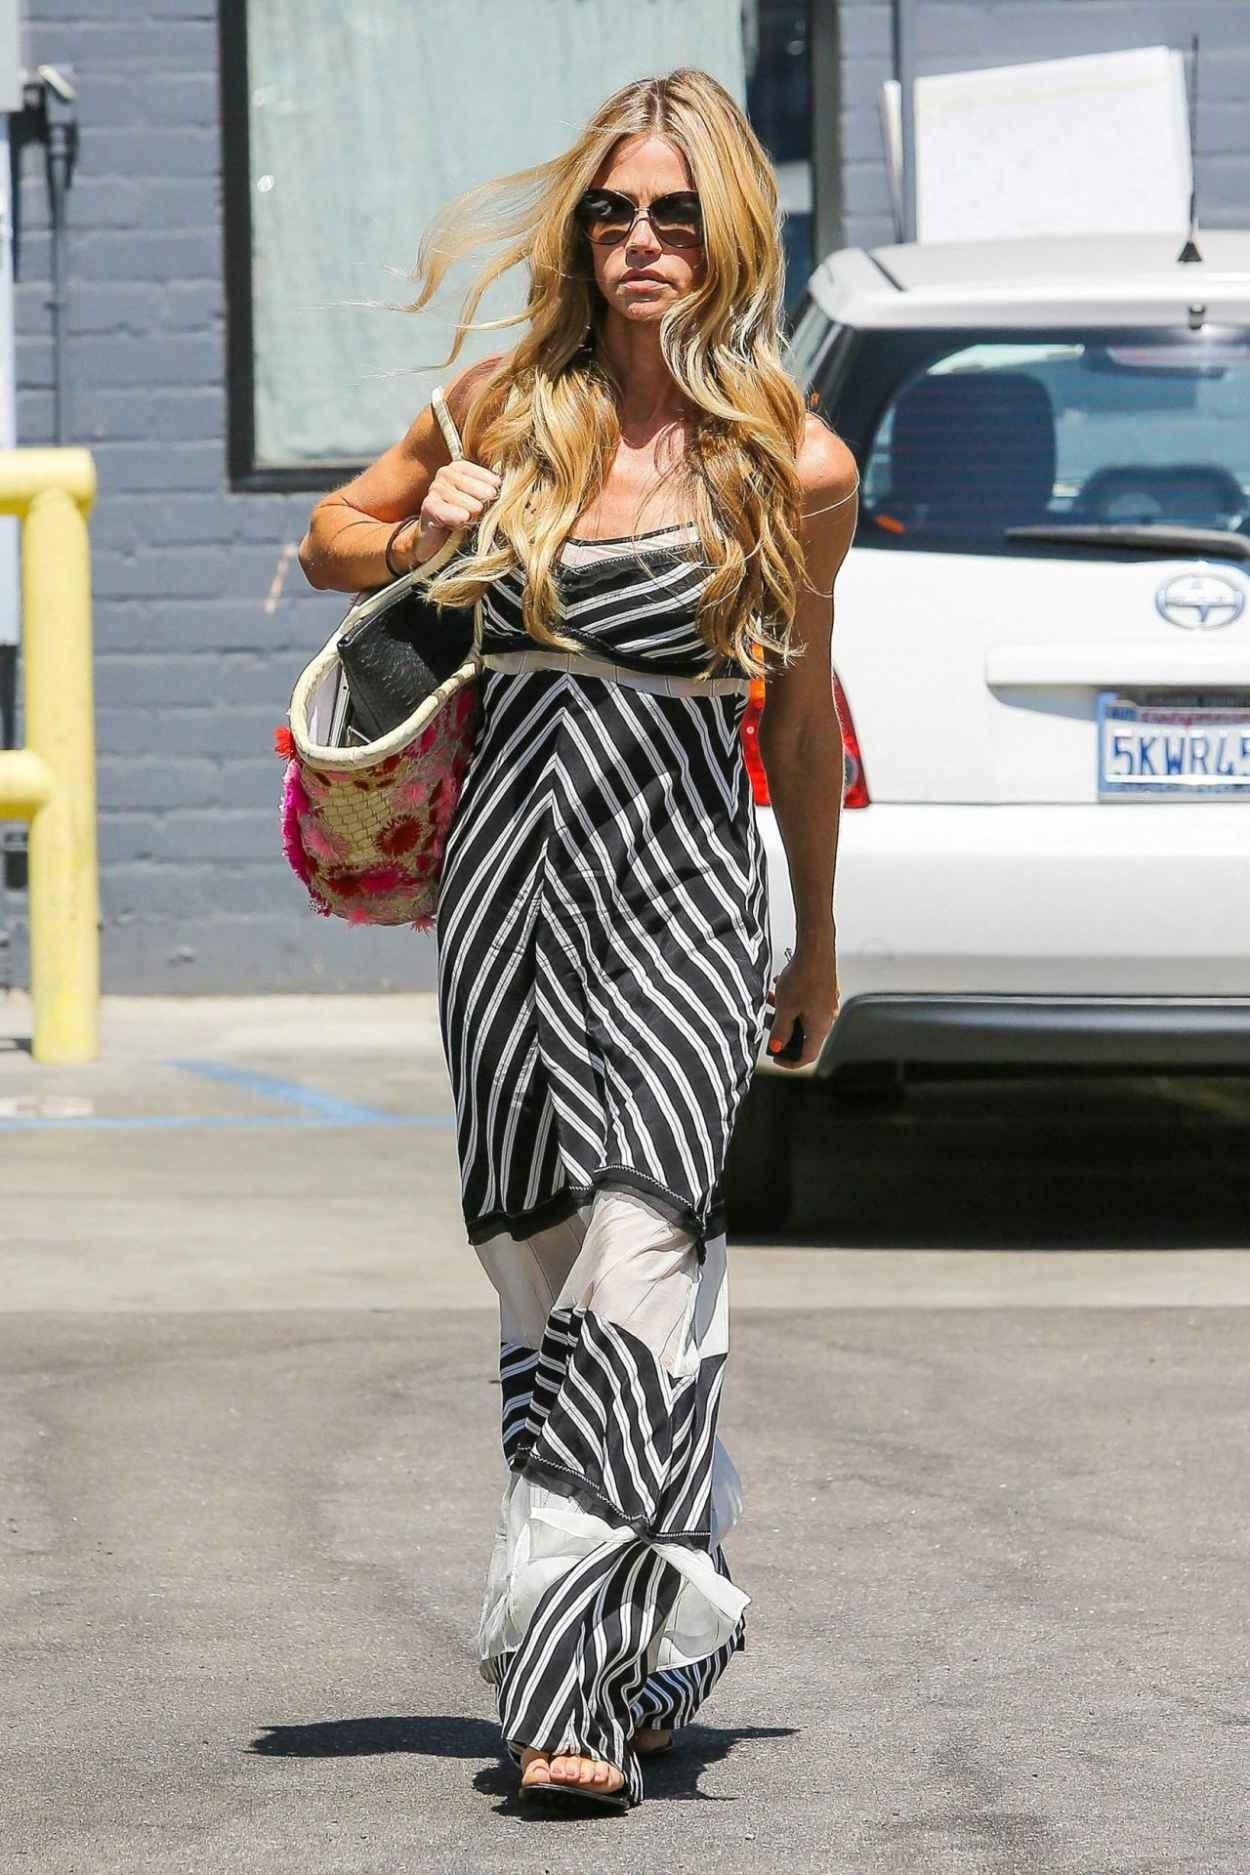 Denise Richards in Summer Long Dress - Leaving Cristophe Salon in Beverly Hills - August 2015-1